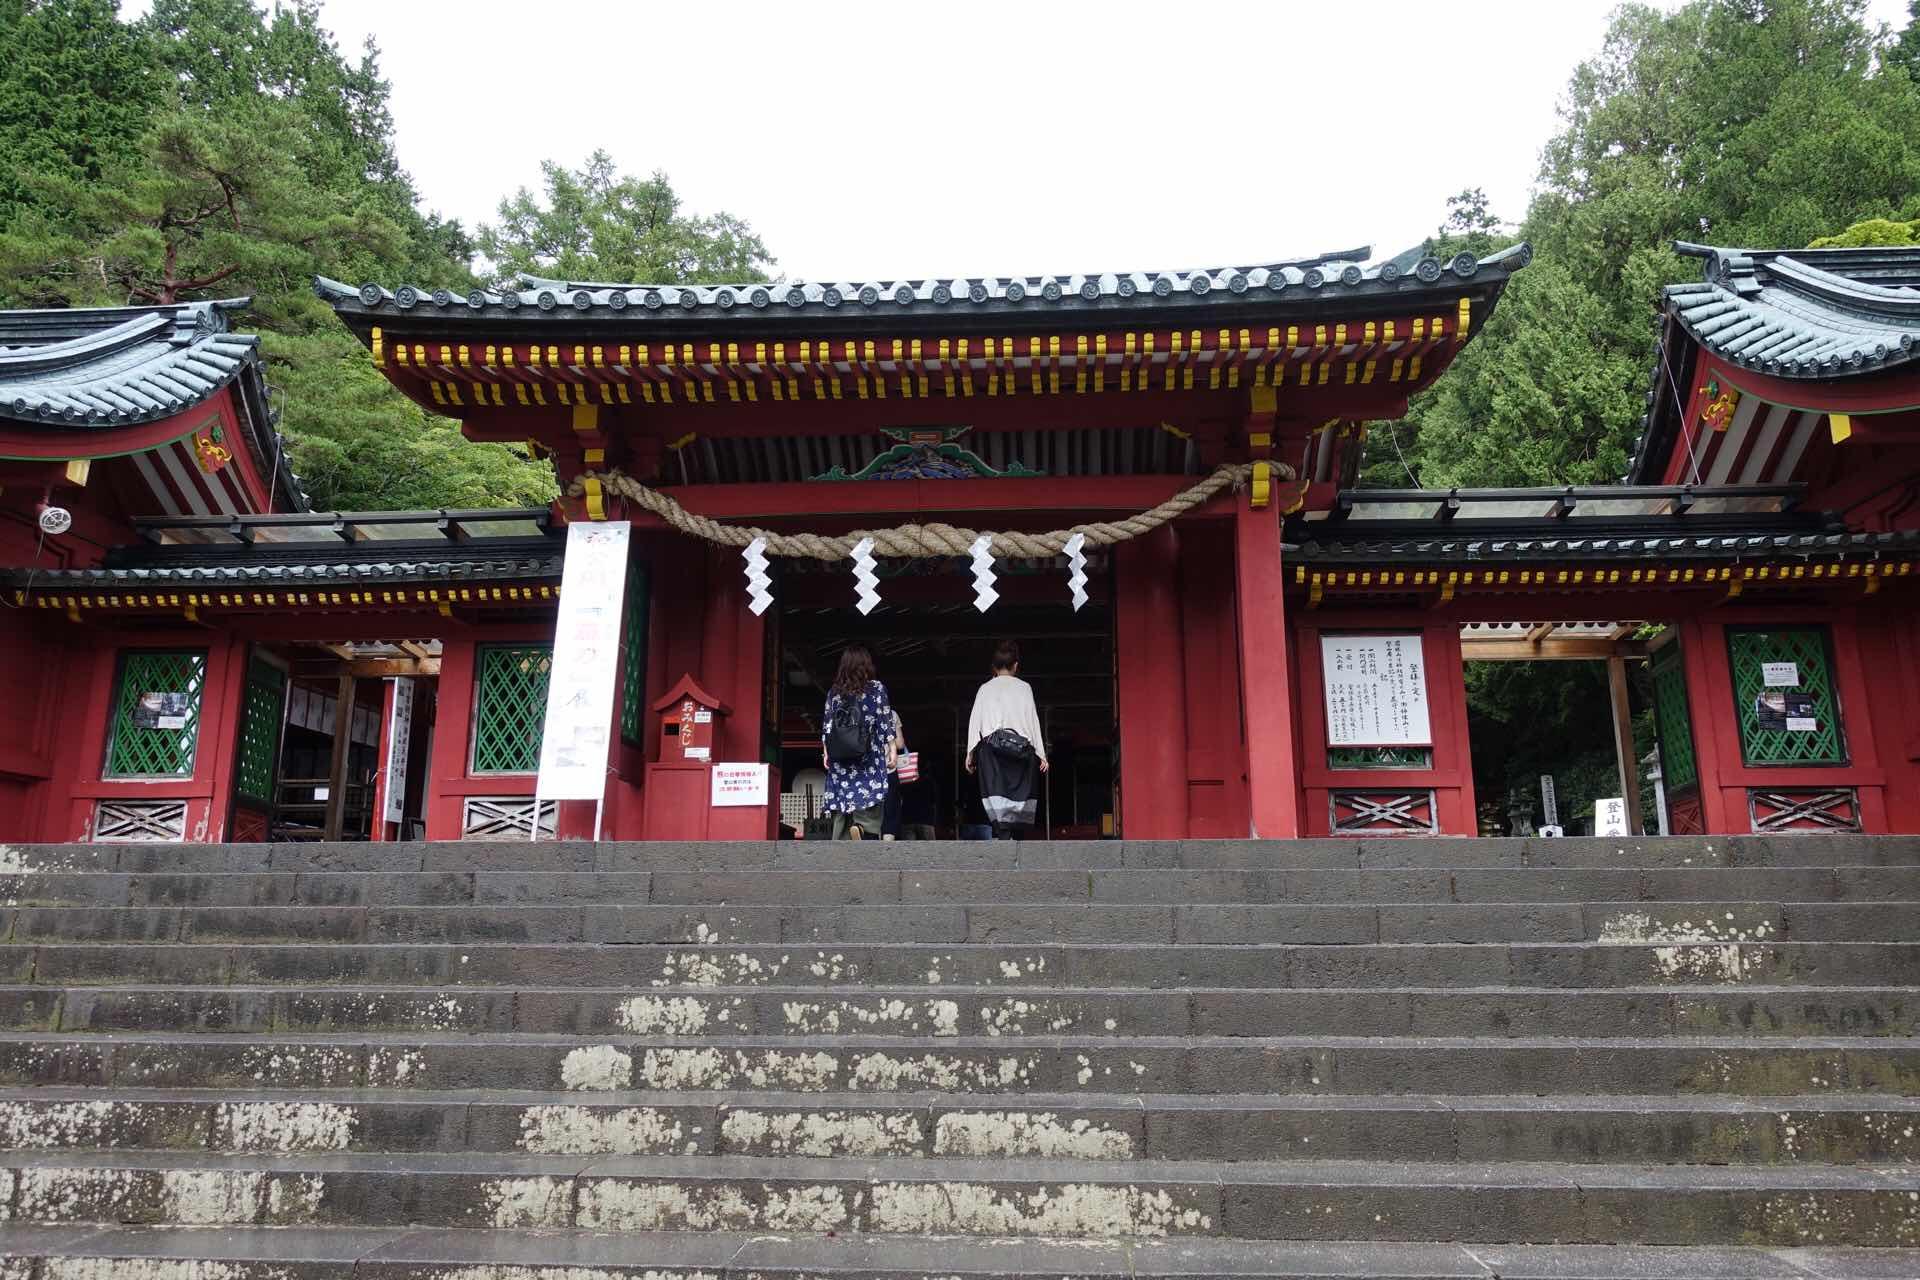 中禅寺湖 二荒山 中宮祠では雨も上がって